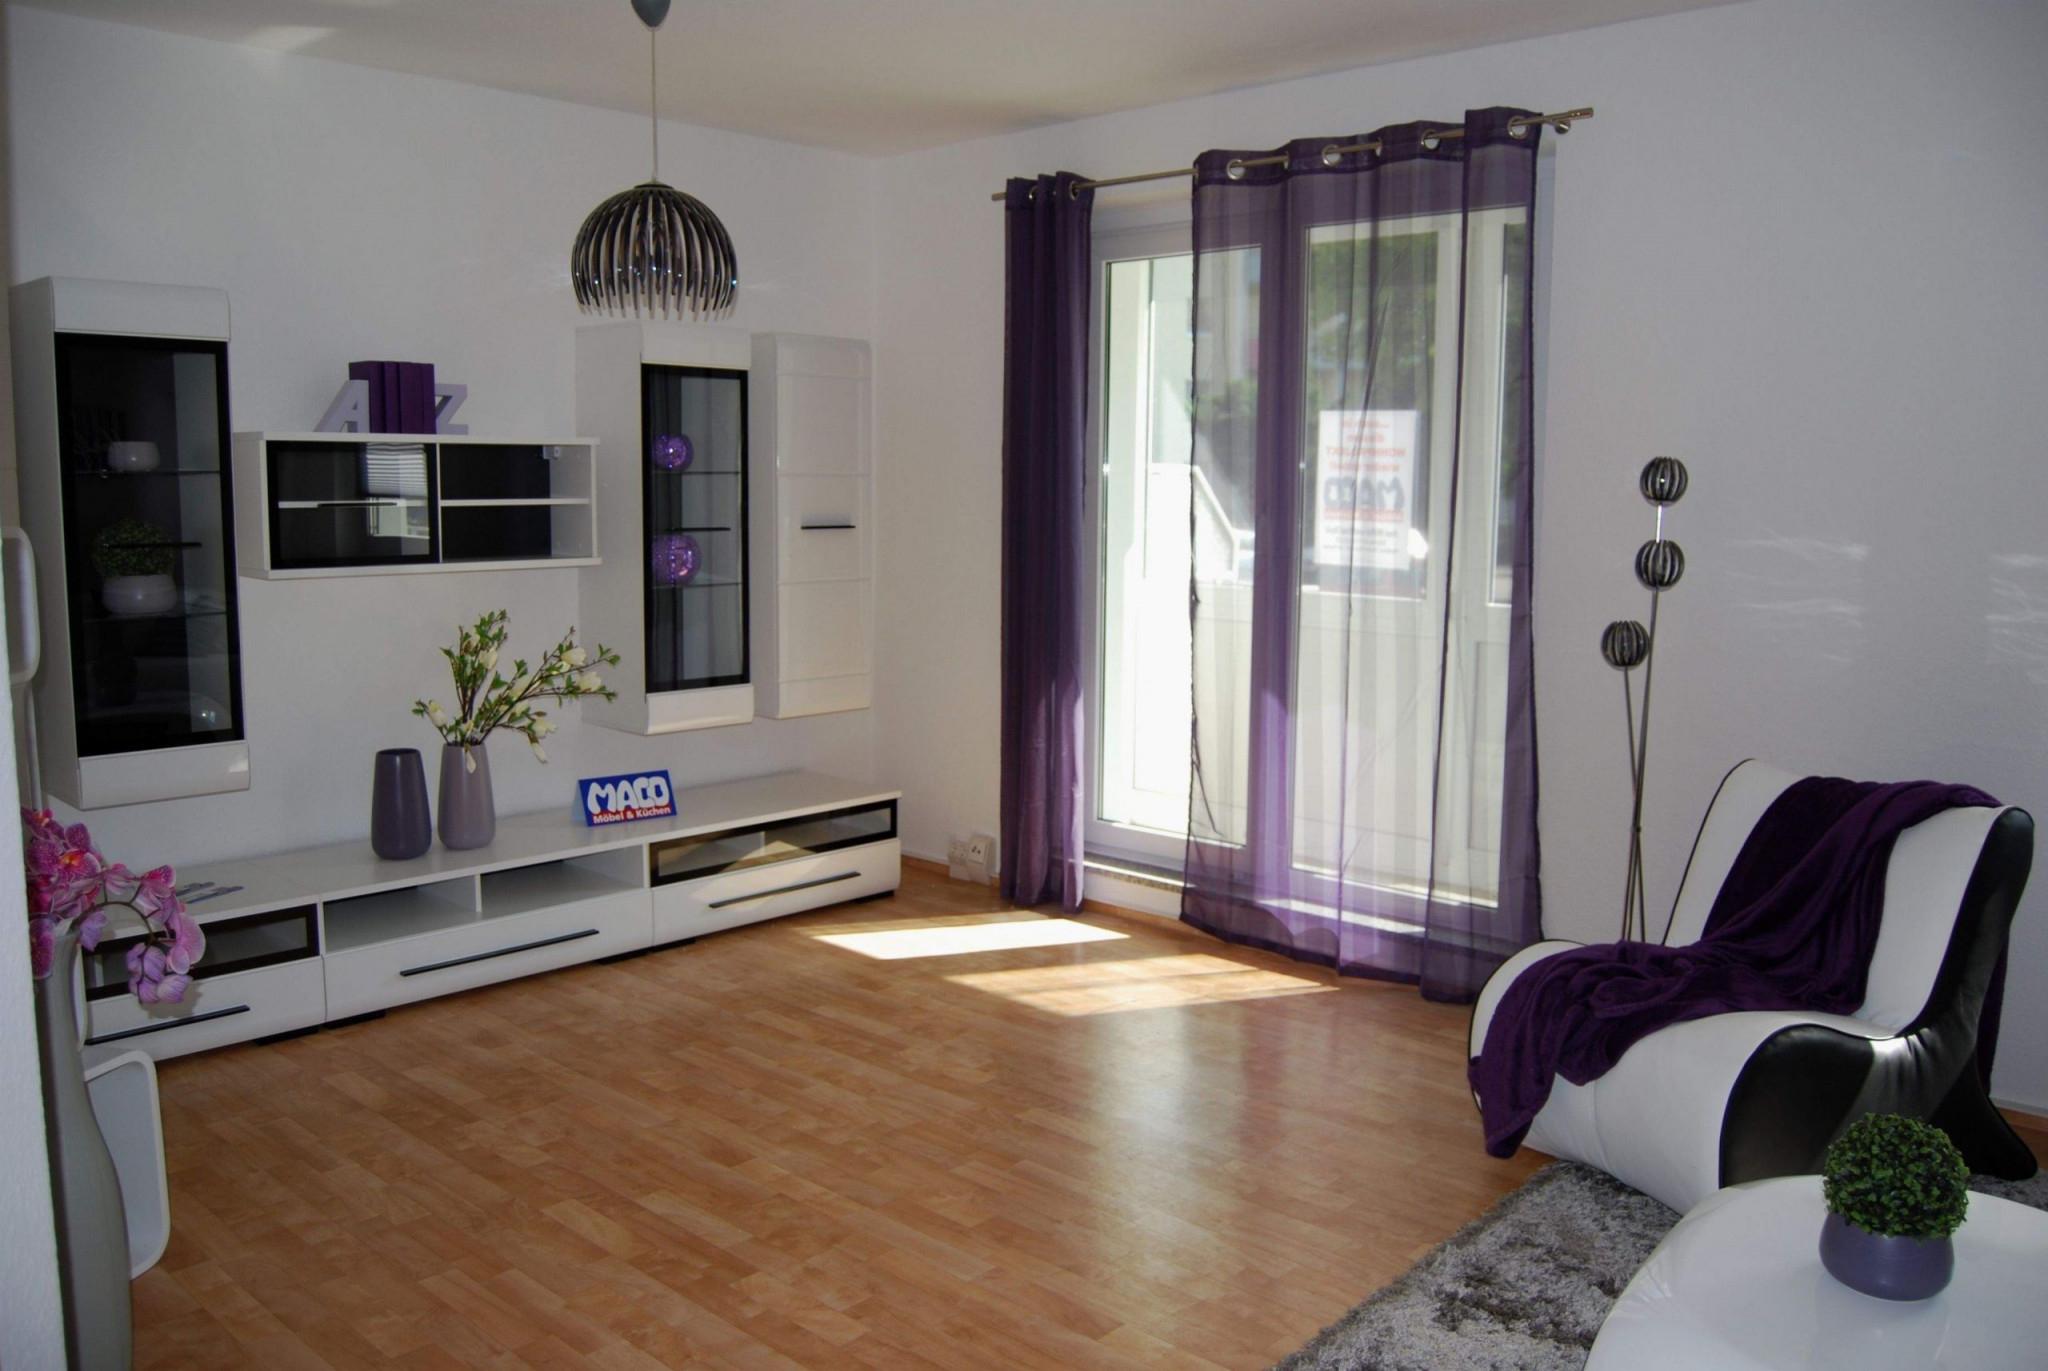 33 Reizend 16 Qm Wohnzimmer Einrichten Genial  Wohnzimmer von 16 Qm Wohnzimmer Einrichten Photo